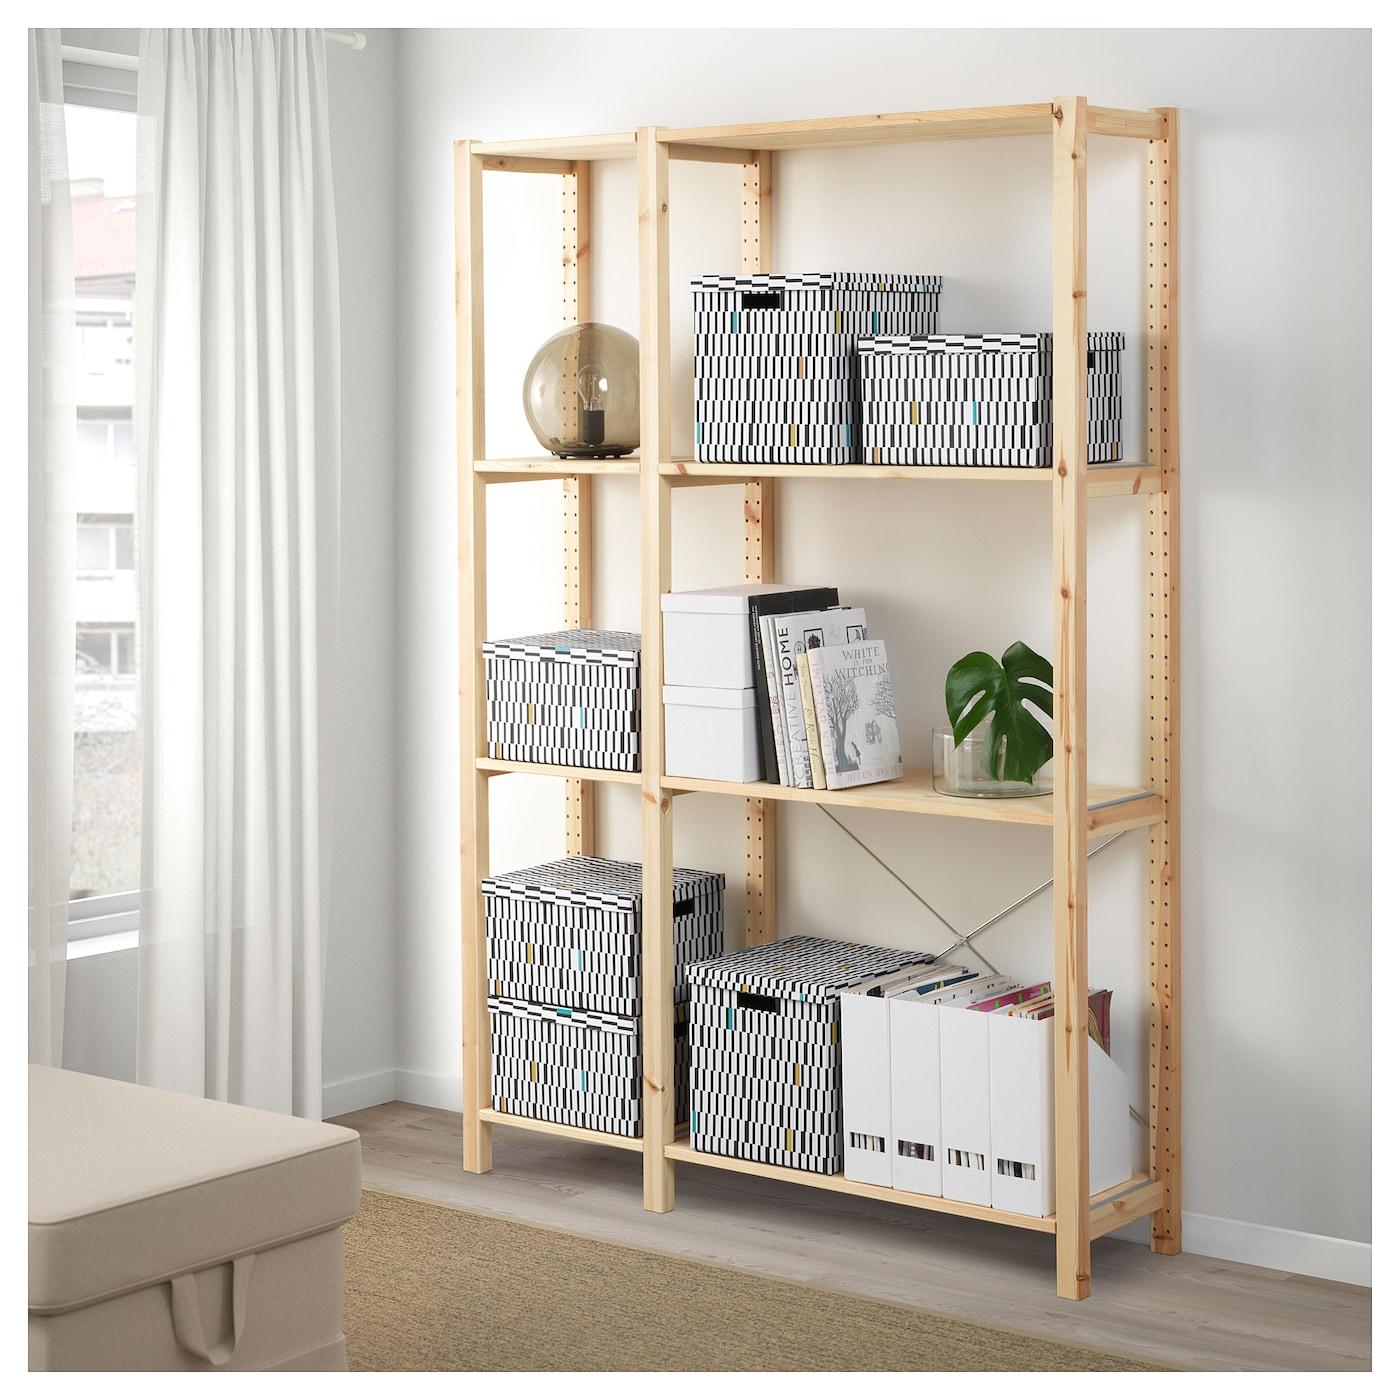 Tjena Storage Box With Lid Black White 25x35x20 Cm Ikea